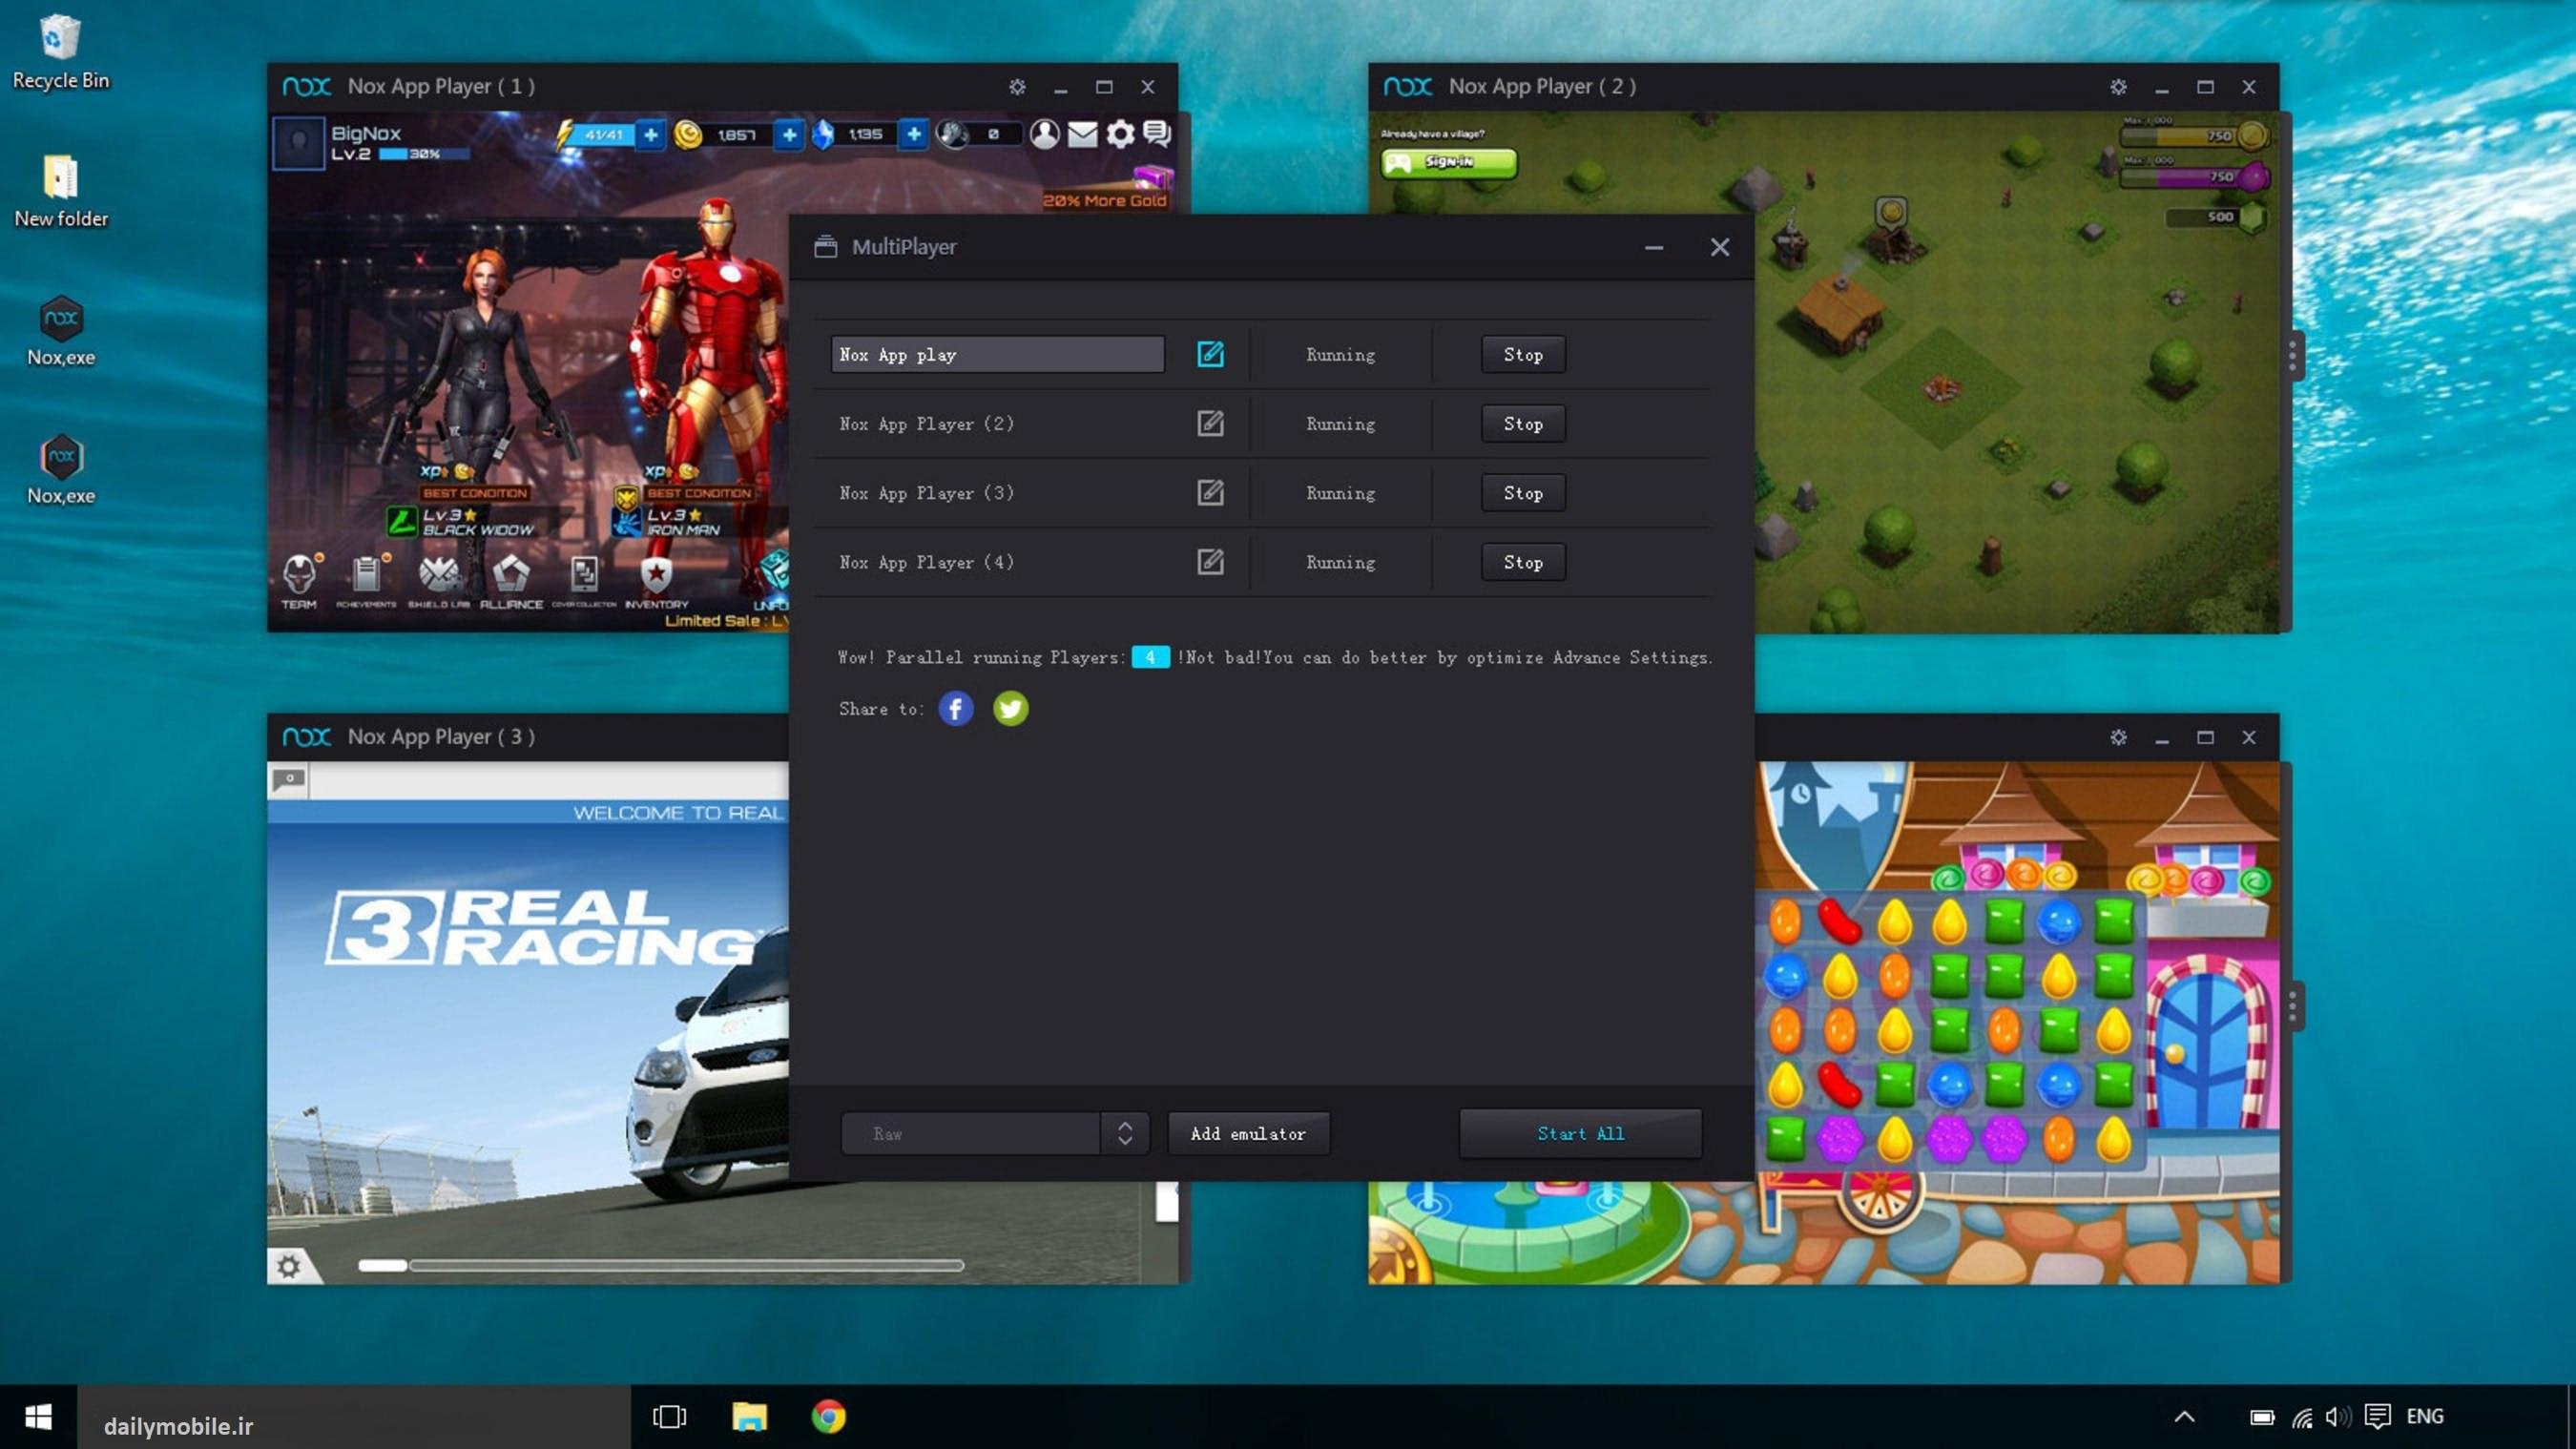 دانلود نسخه جدید برنامه Nox App Player شبیه ساز اندروید بر روی ویندوز